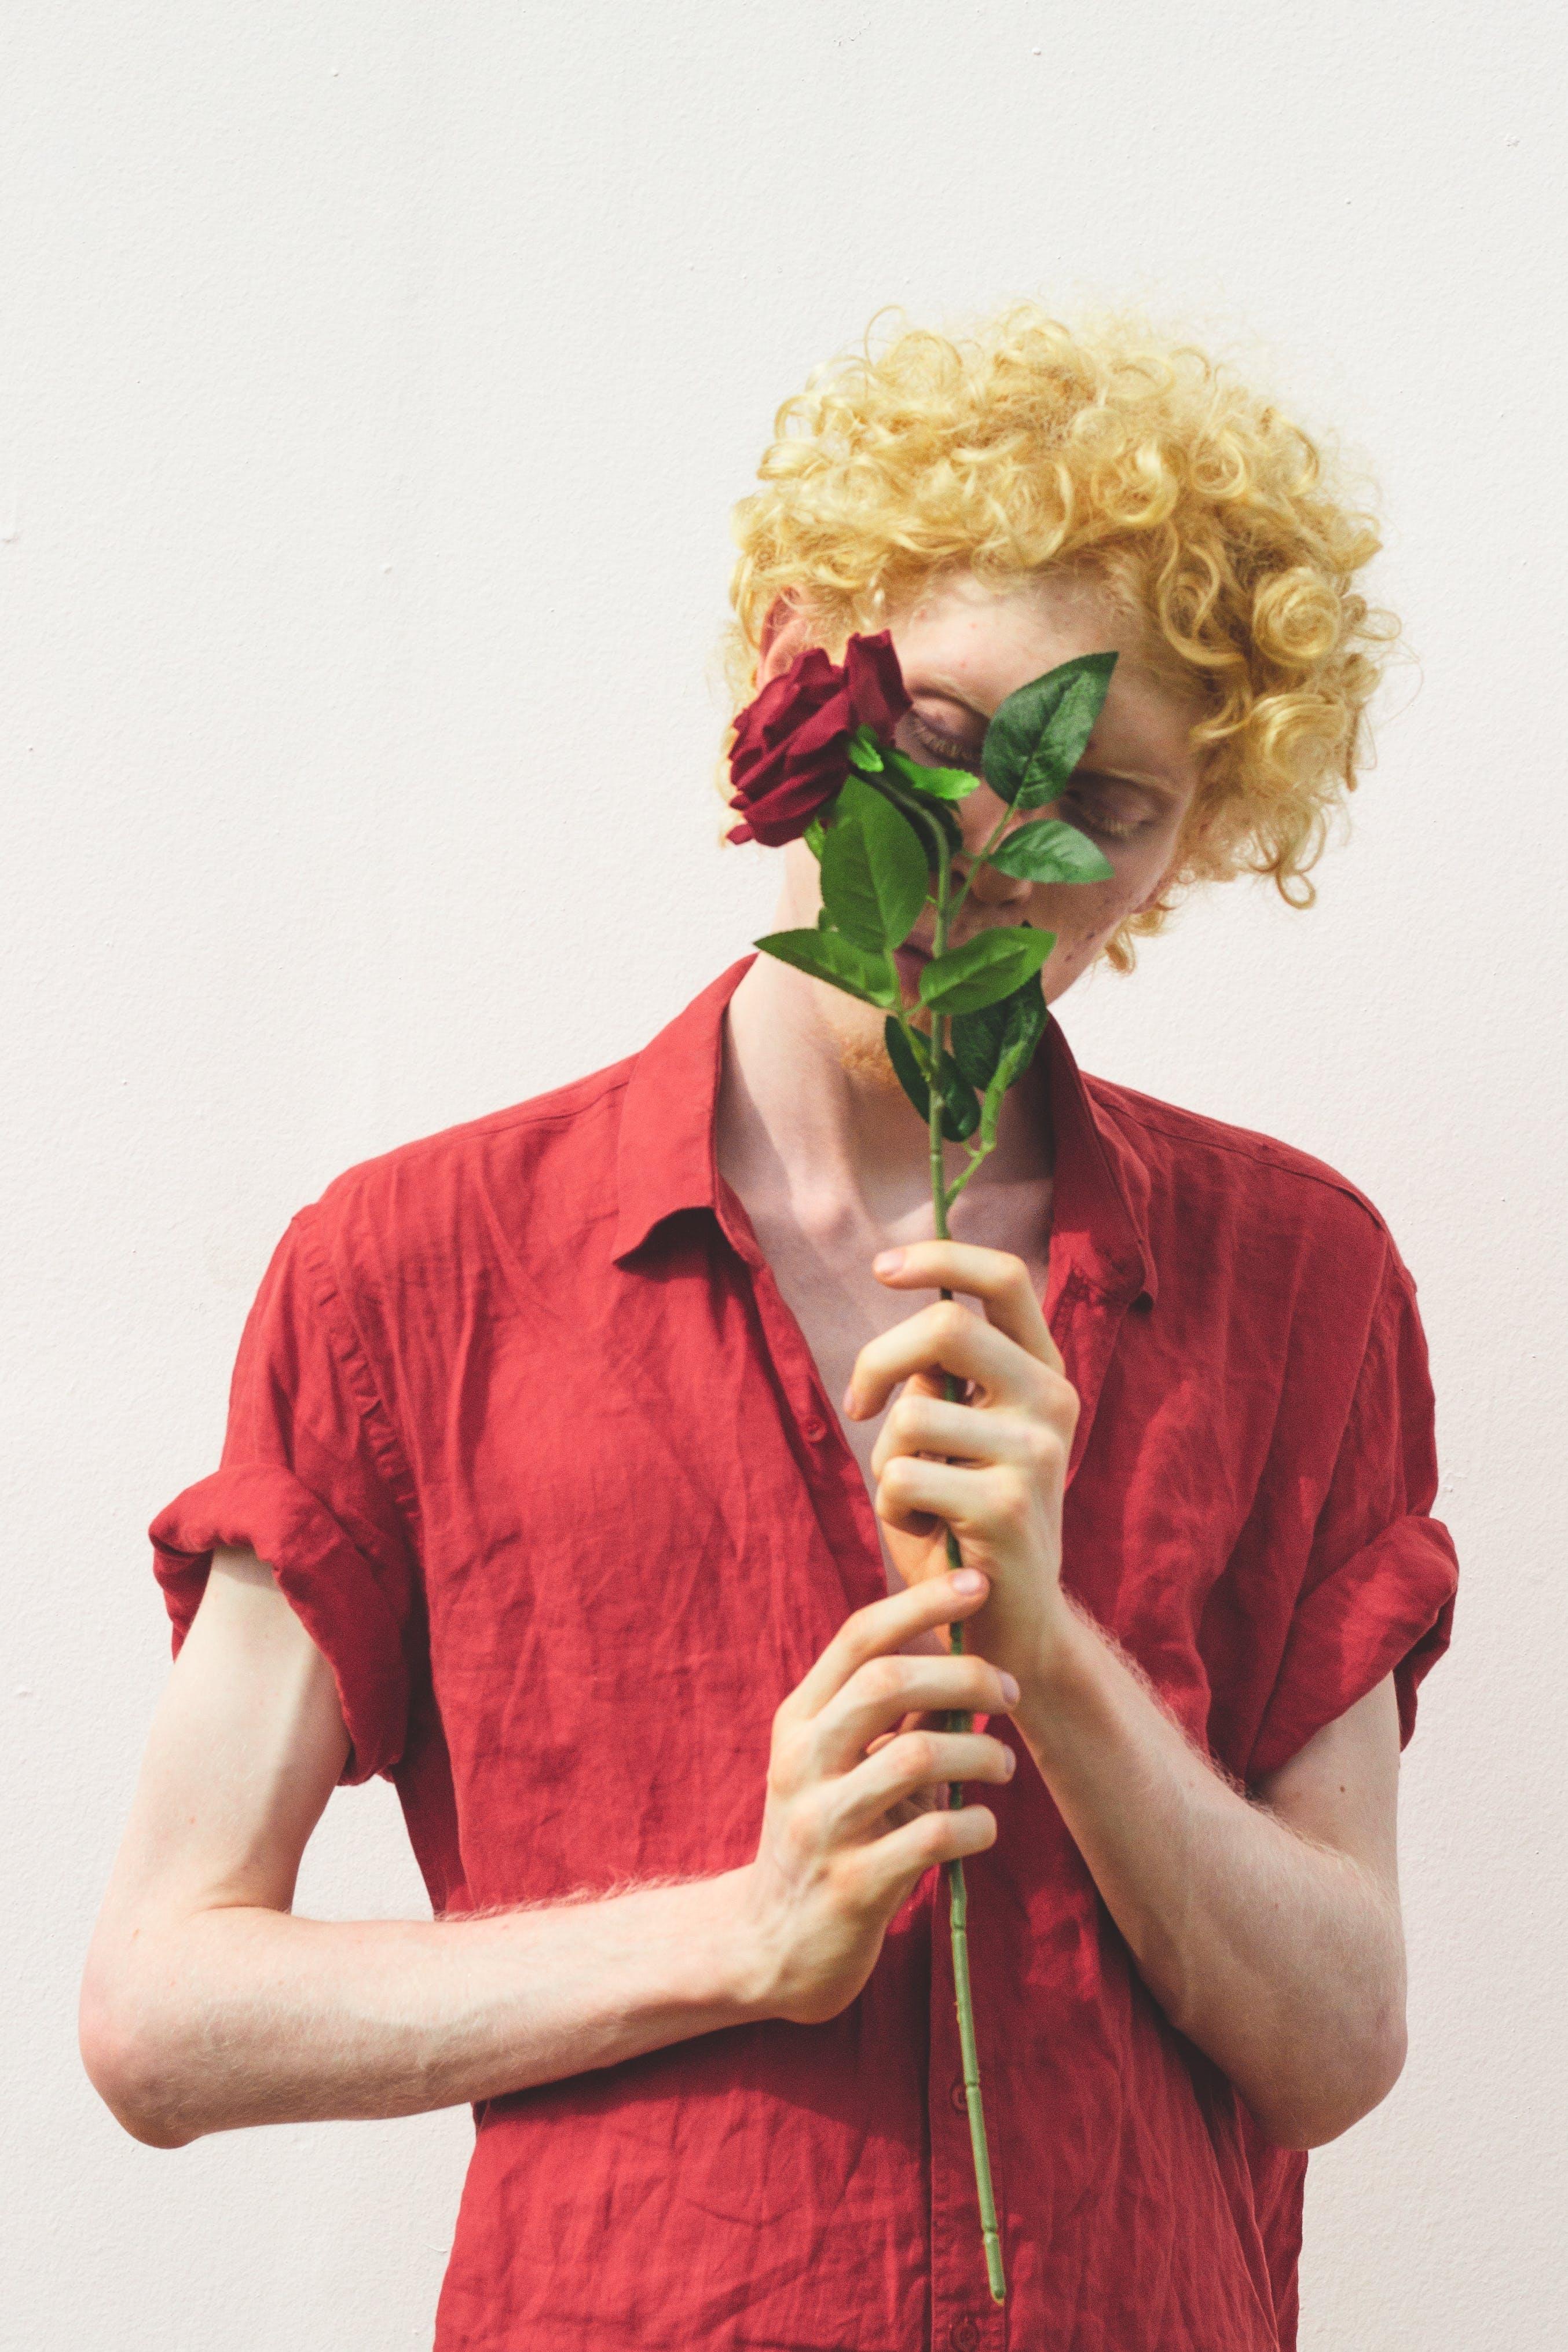 Man Wearing Red Dress Shirt Holding Red Rose